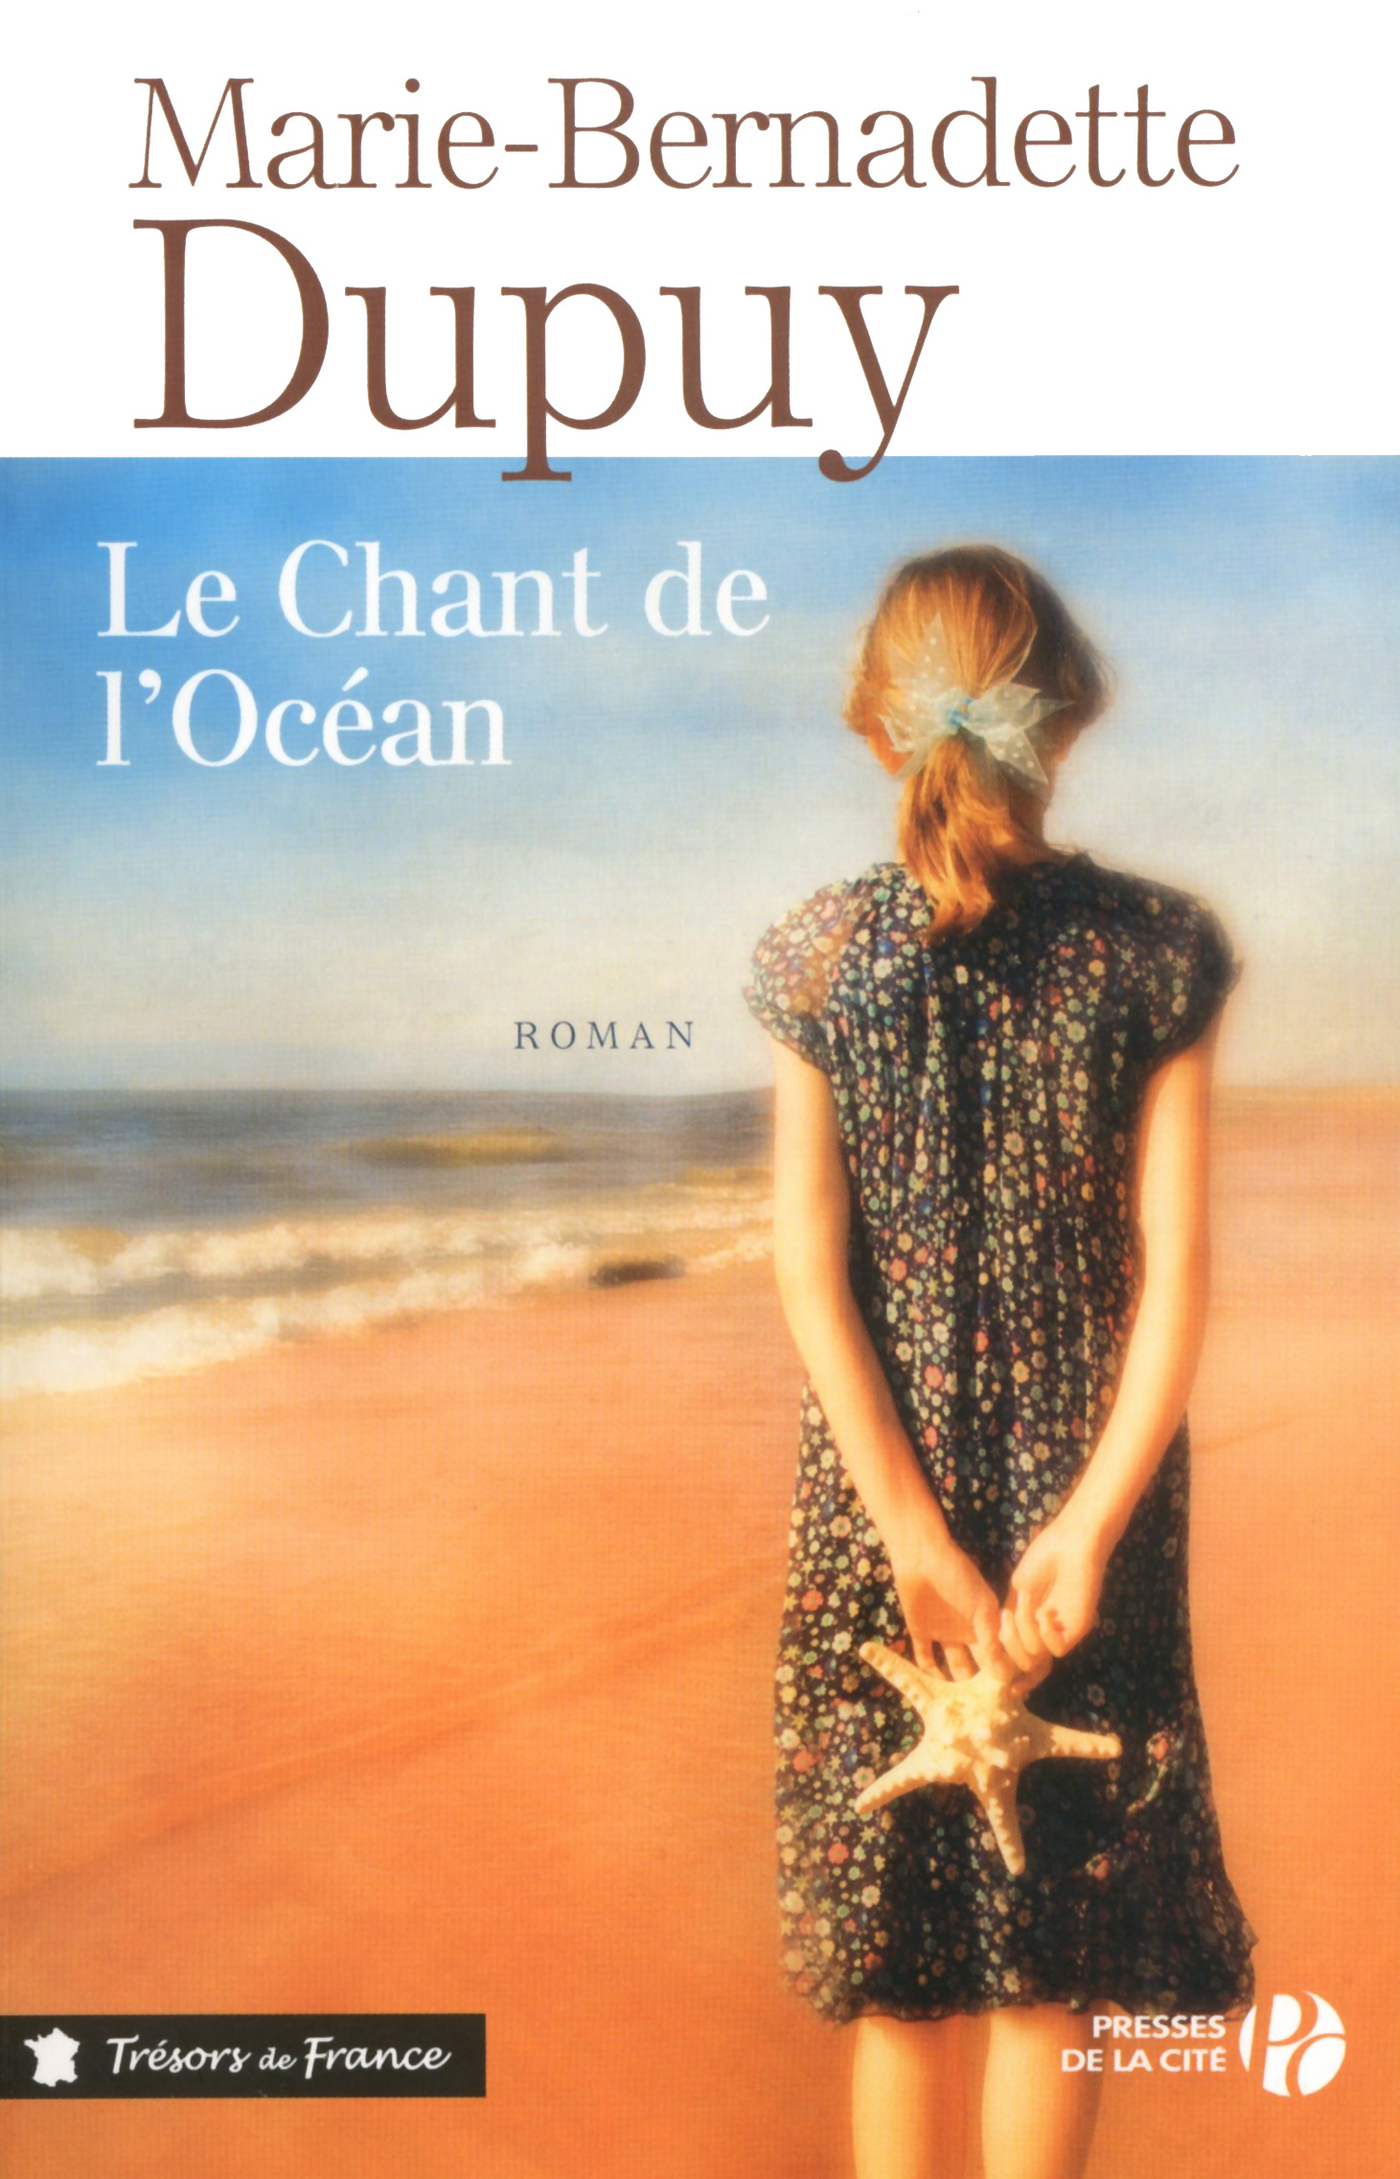 Le chant de l'océan | DUPUY, Marie-Bernadette